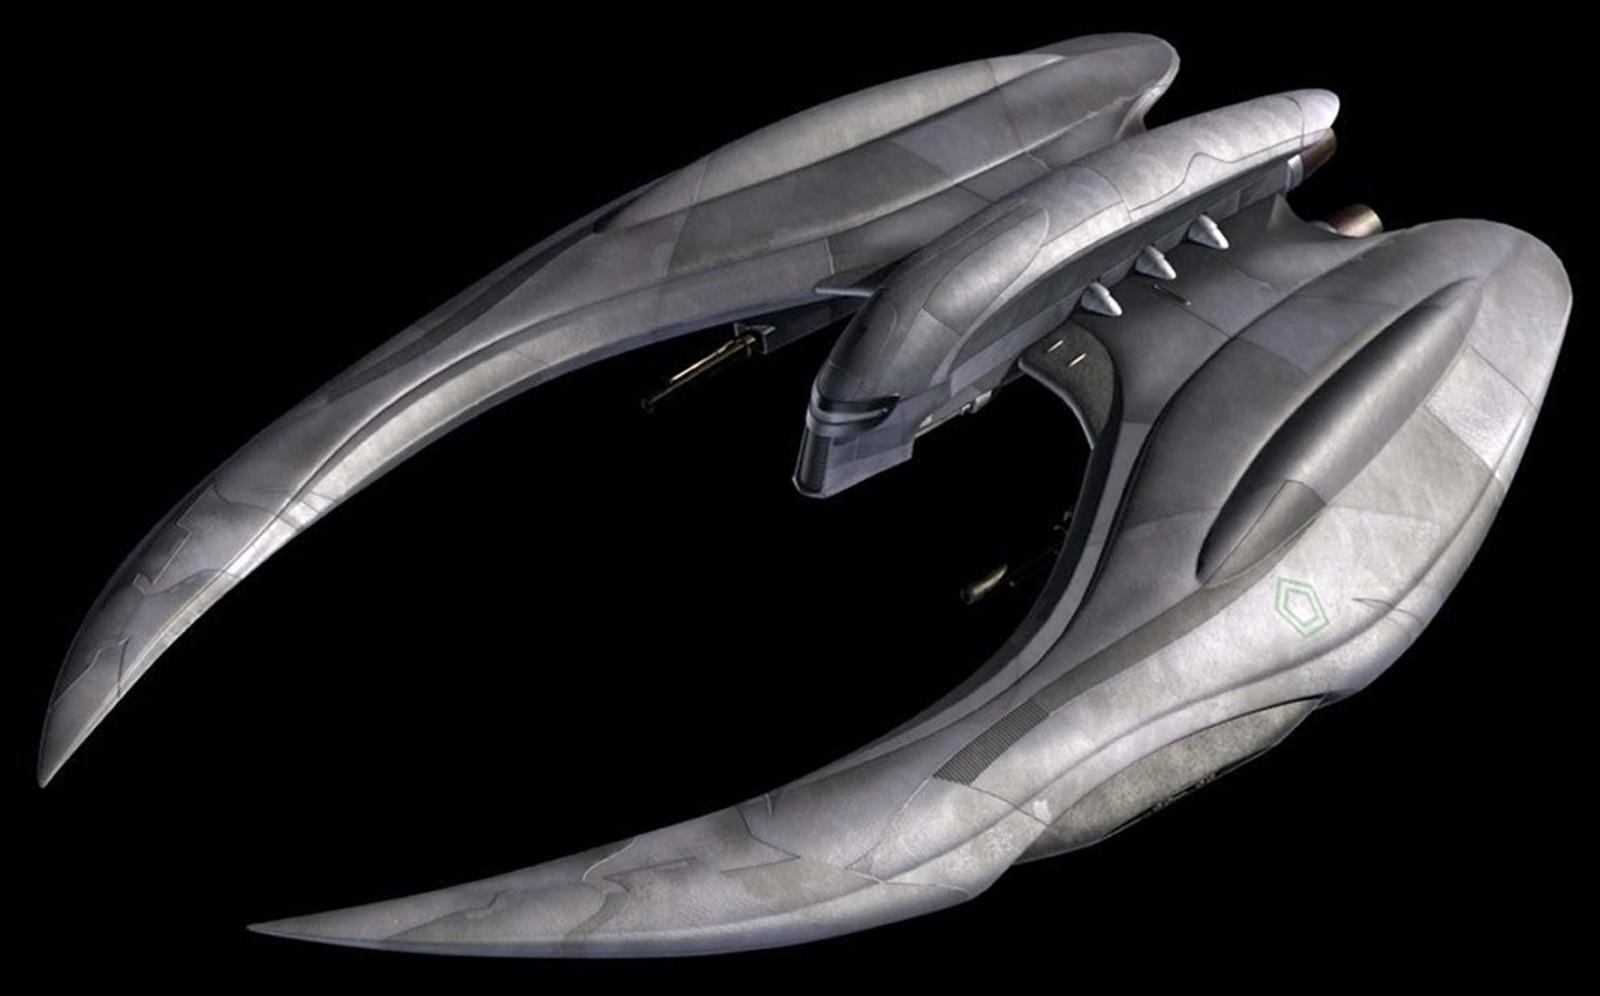 Taller de Encargos Oficial: Naves espaciales [Pide aquí tu nave espacial] - Página 2 Cylon-raider